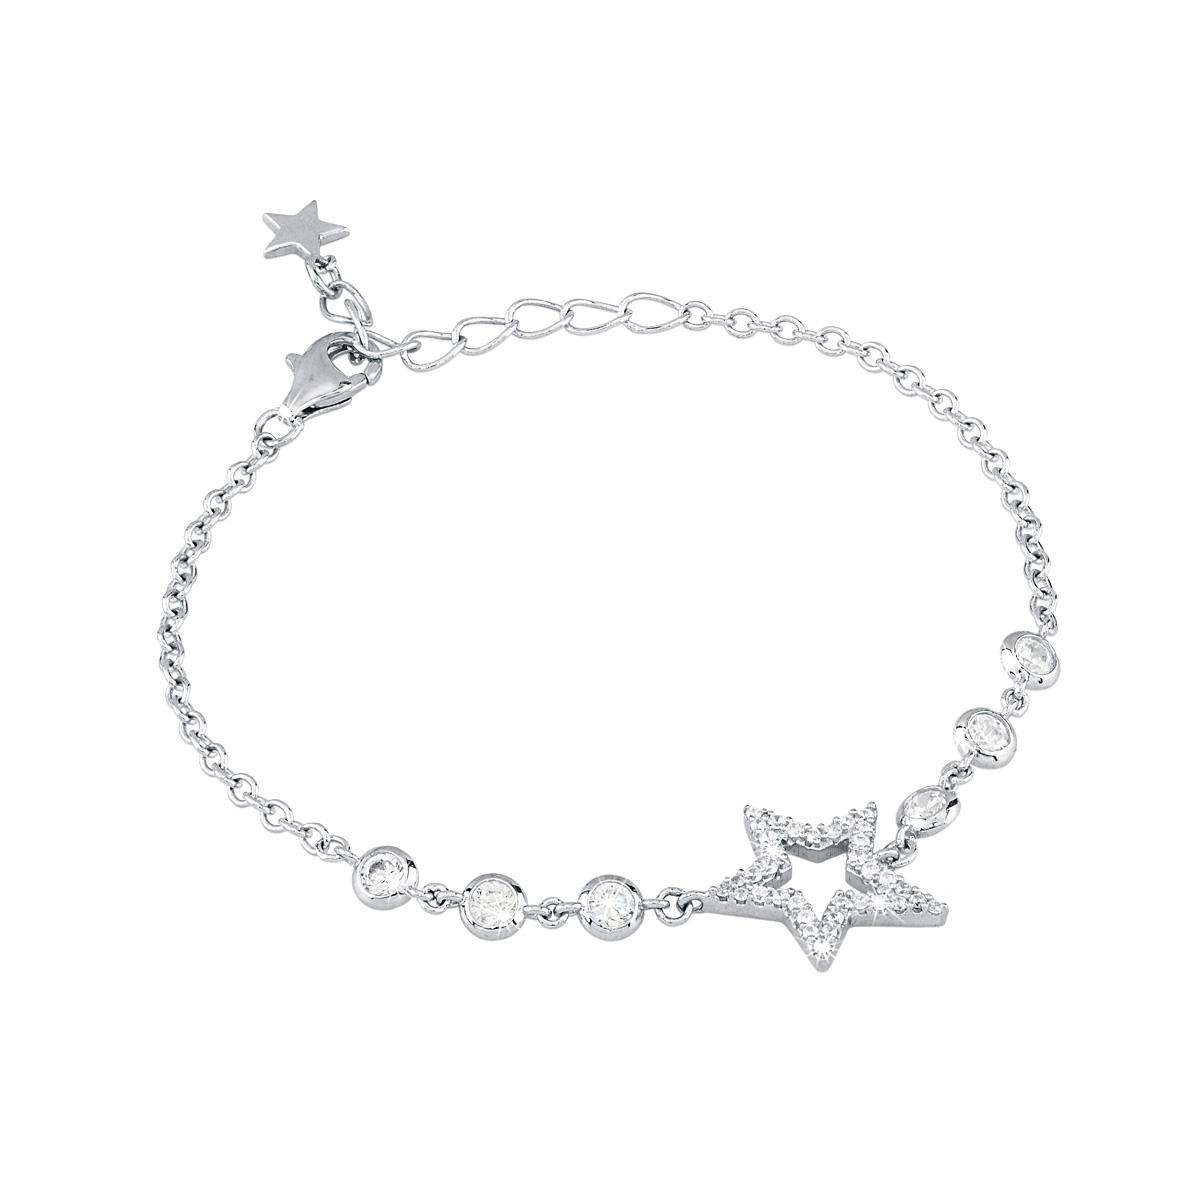 Bracciale in argento stella con zirconi